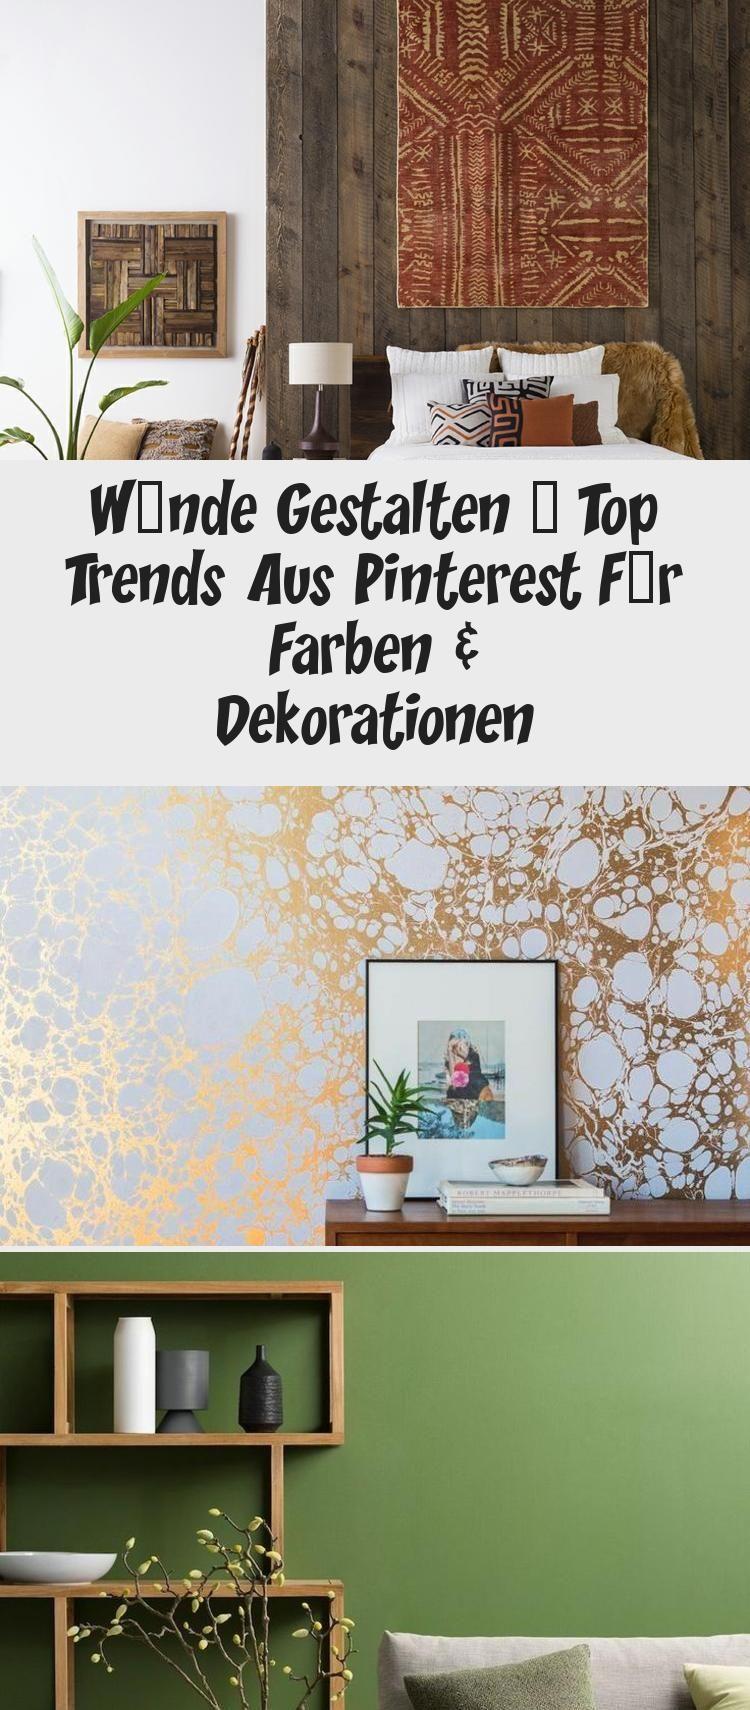 Wände Gestalten Top Trends Aus Pinterest Für Farben Dekorationen De Dekoration Gestalten Wohnzimmer Gestalten